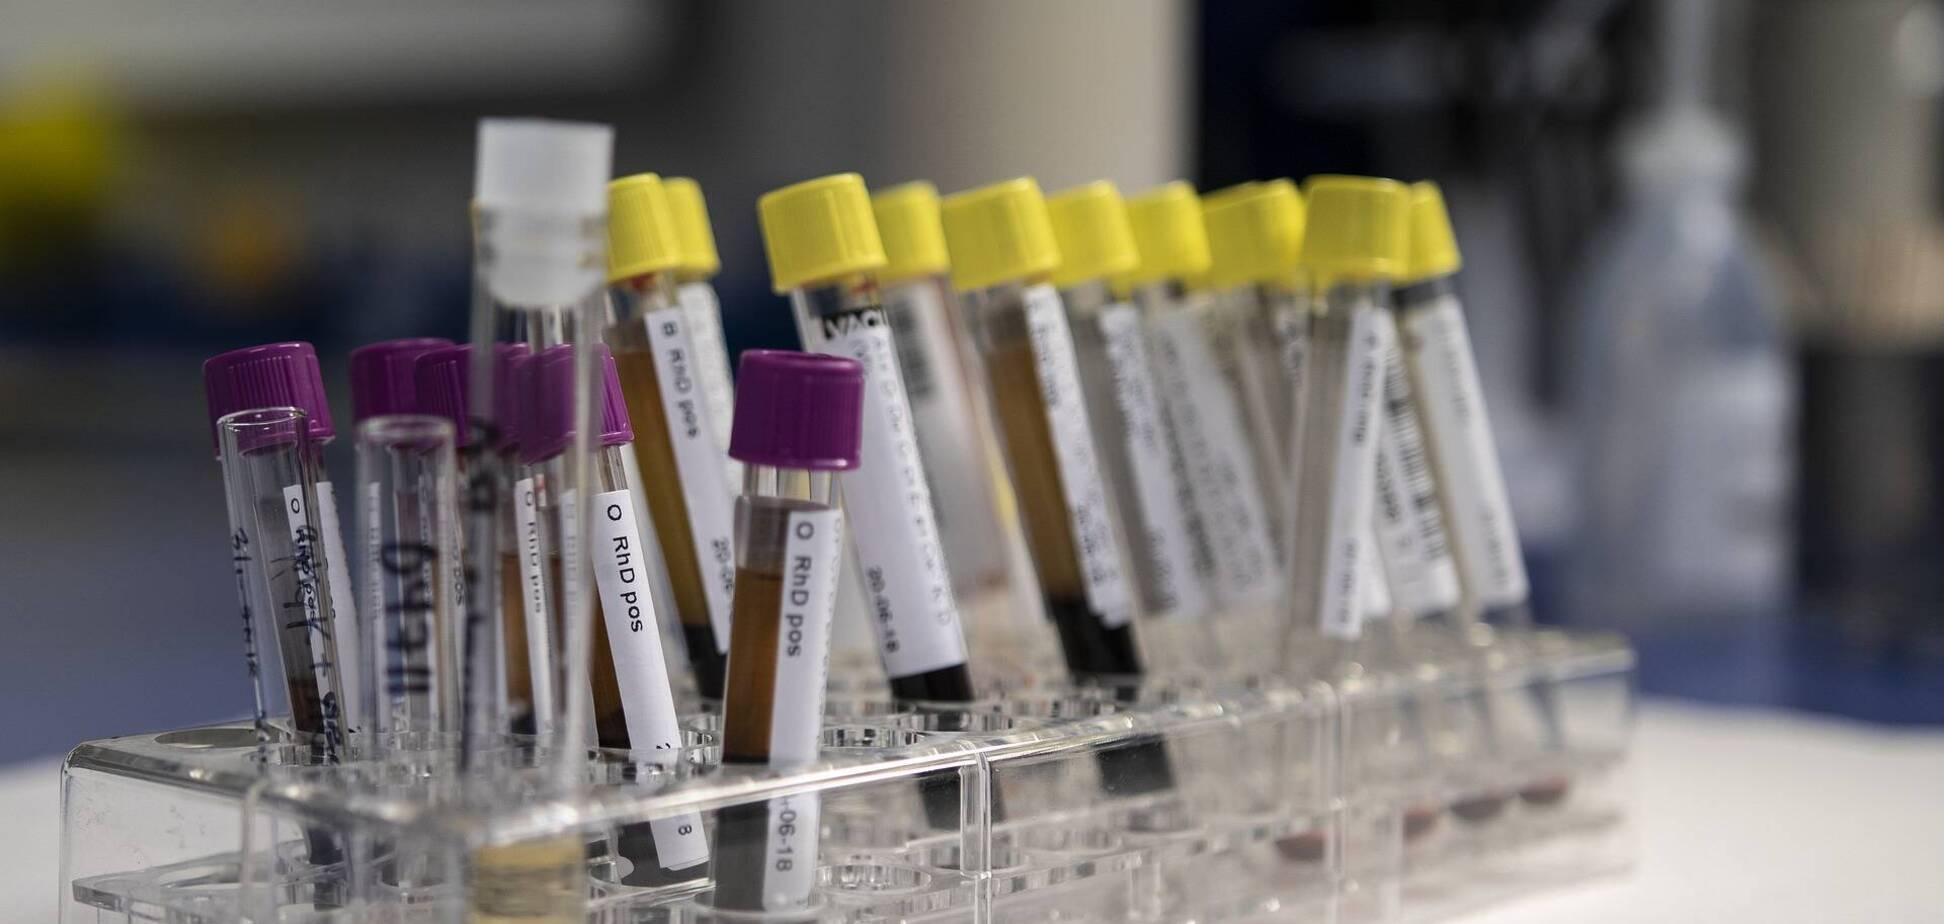 Нове дослідження допомогло визначити в крові піддослідних ще 34 ознаки РАС